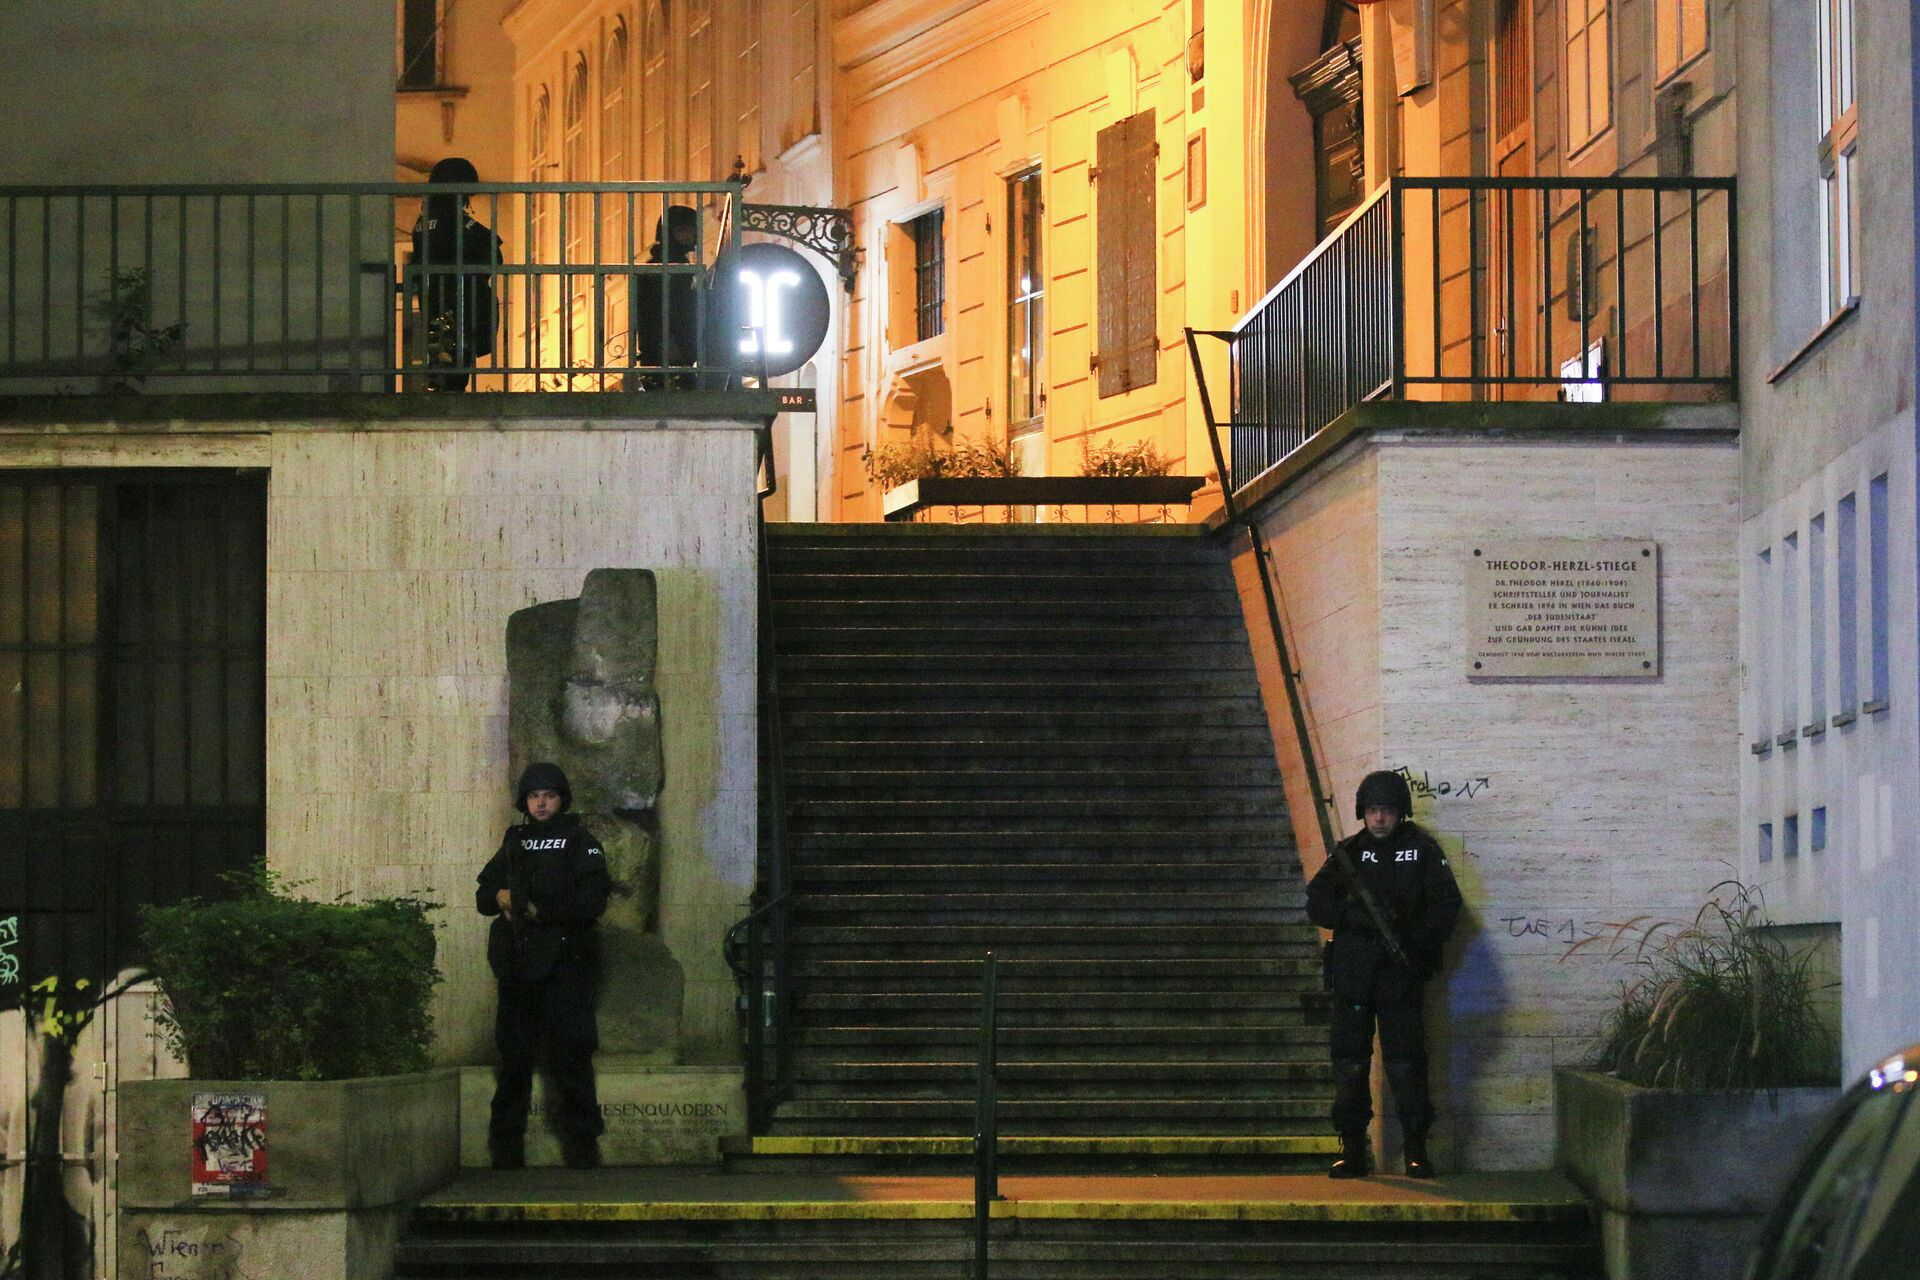 Полицейские возле синагоги в Вене после теракта - РИА Новости, 1920, 03.11.2020